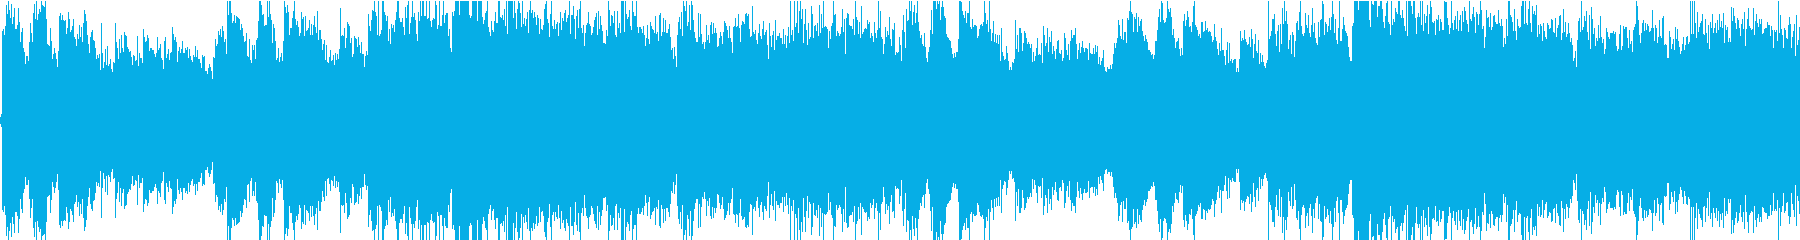 バトルループ(オーケストラ RPG)の再生済みの波形